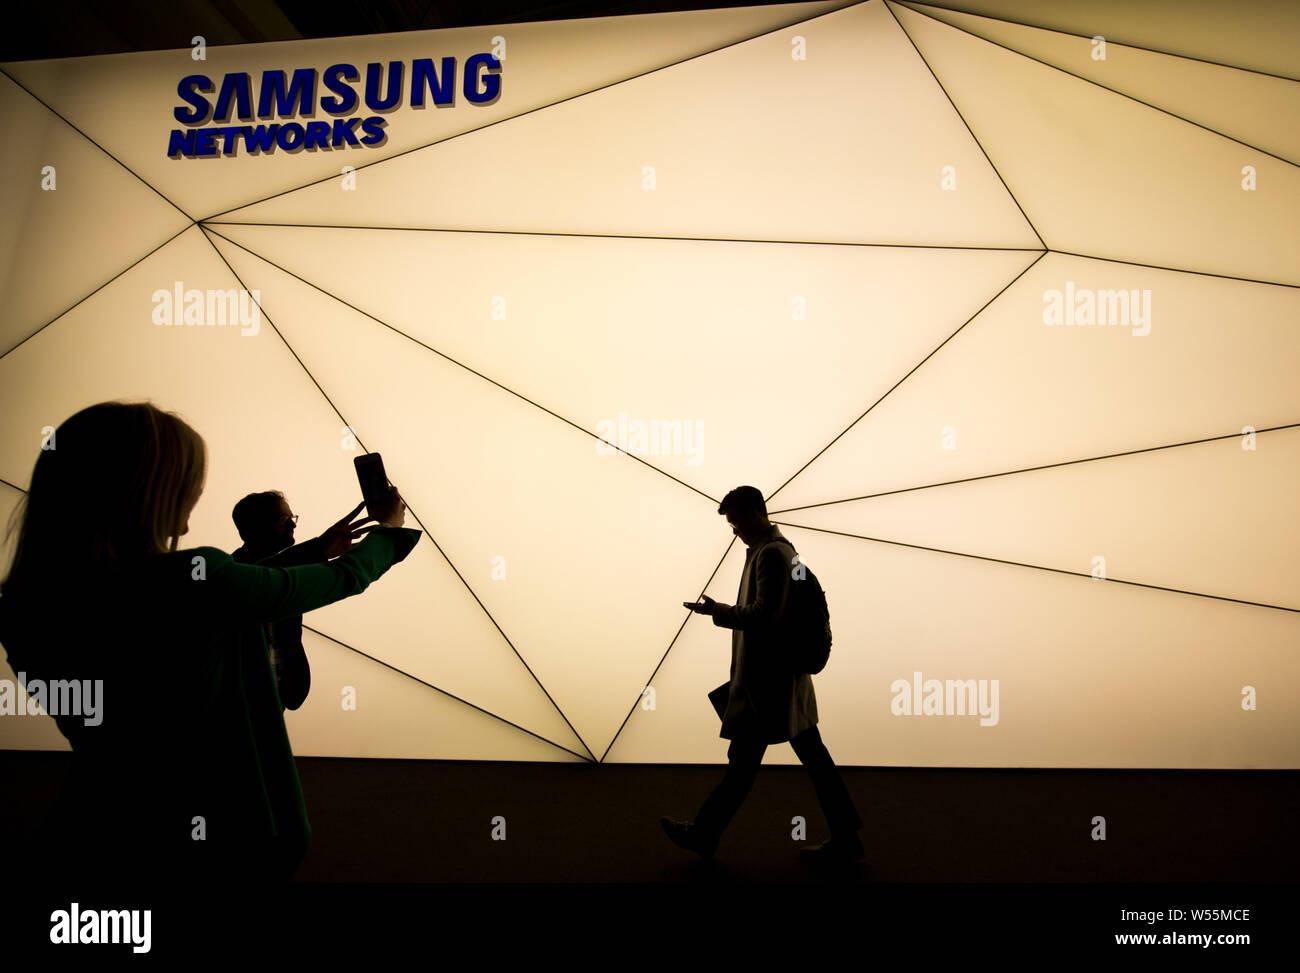 Besucher vorbei an den Stand von Samsung Netzwerke während des Mobile World Congress (MWC 2019 19) in Barcelona, Spanien, 25. Februar 2019. Stockfoto